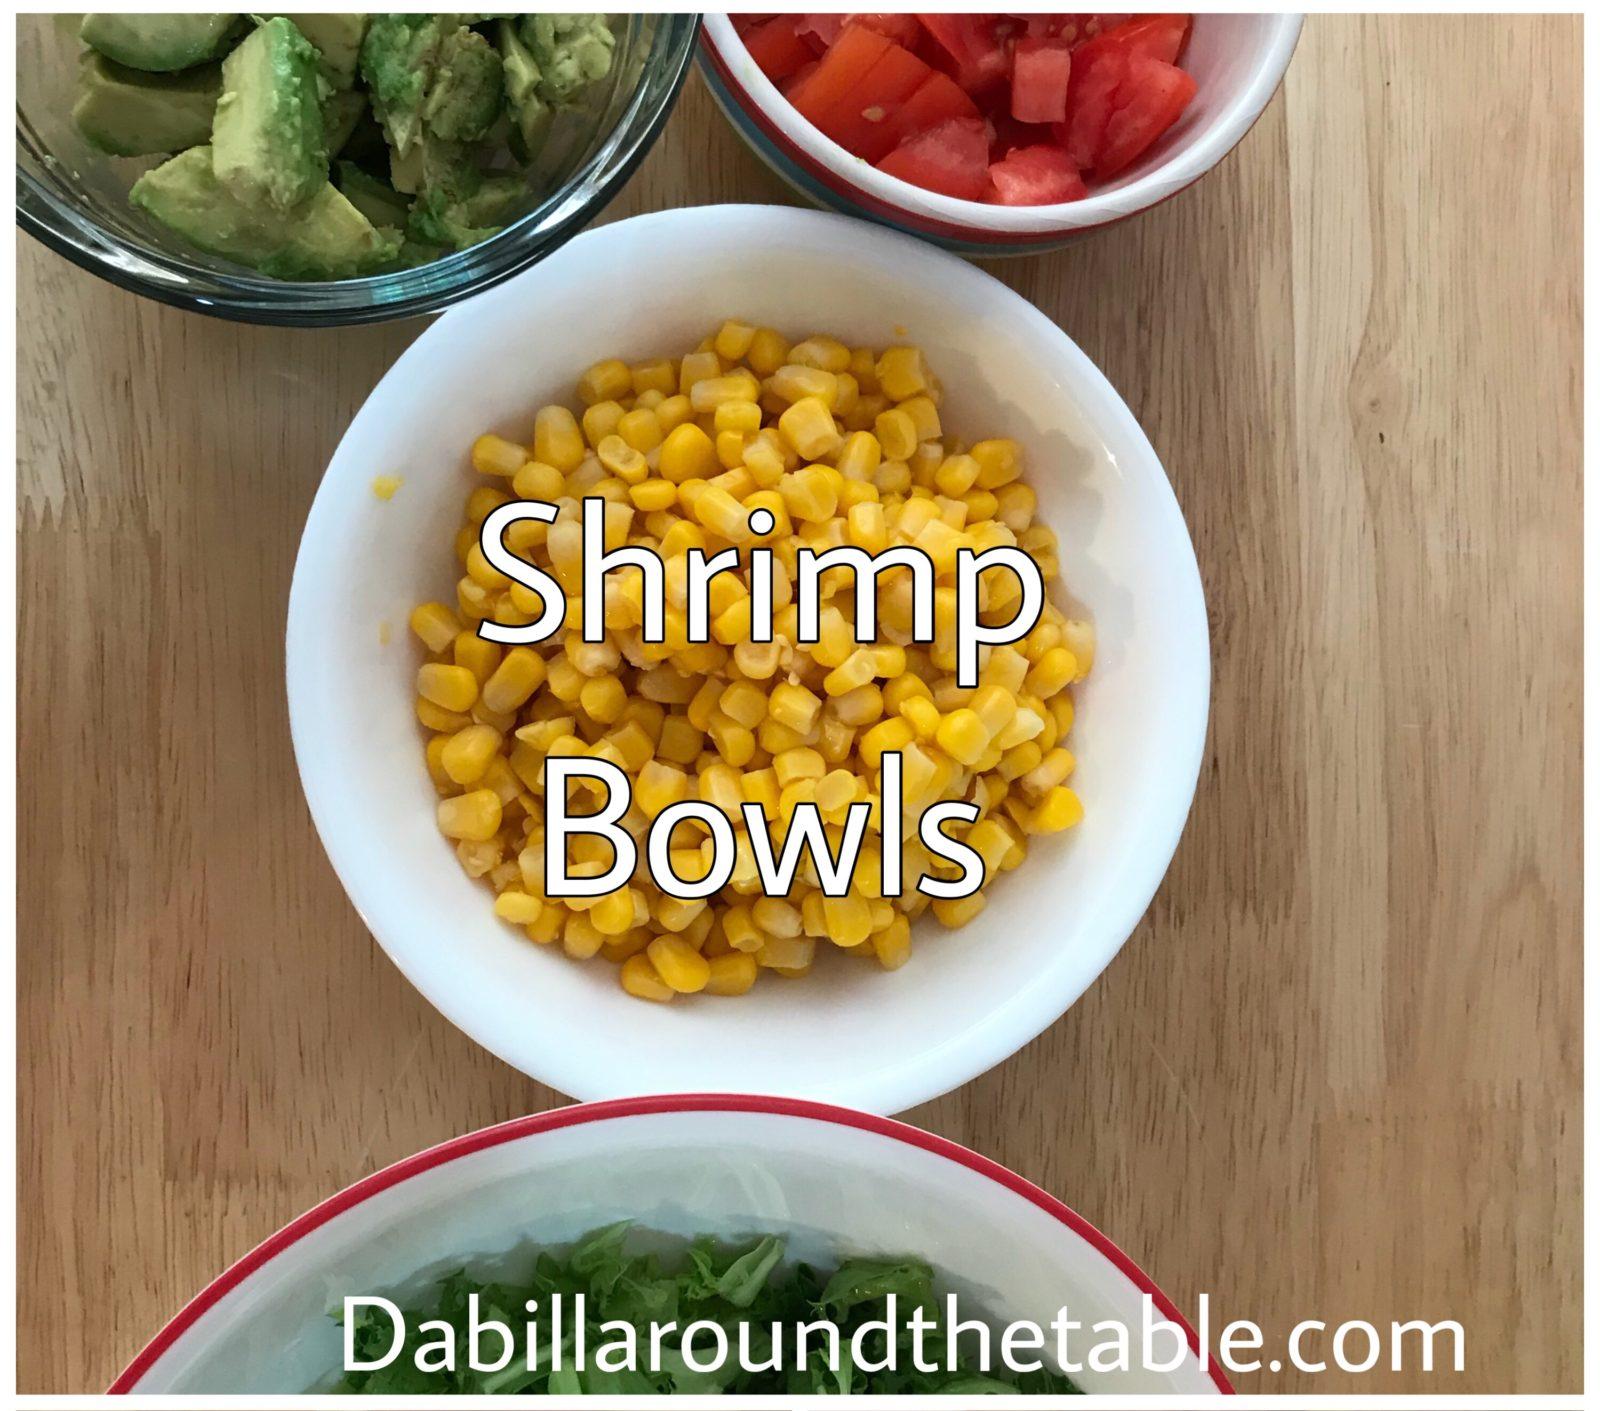 Shrimp Bowls